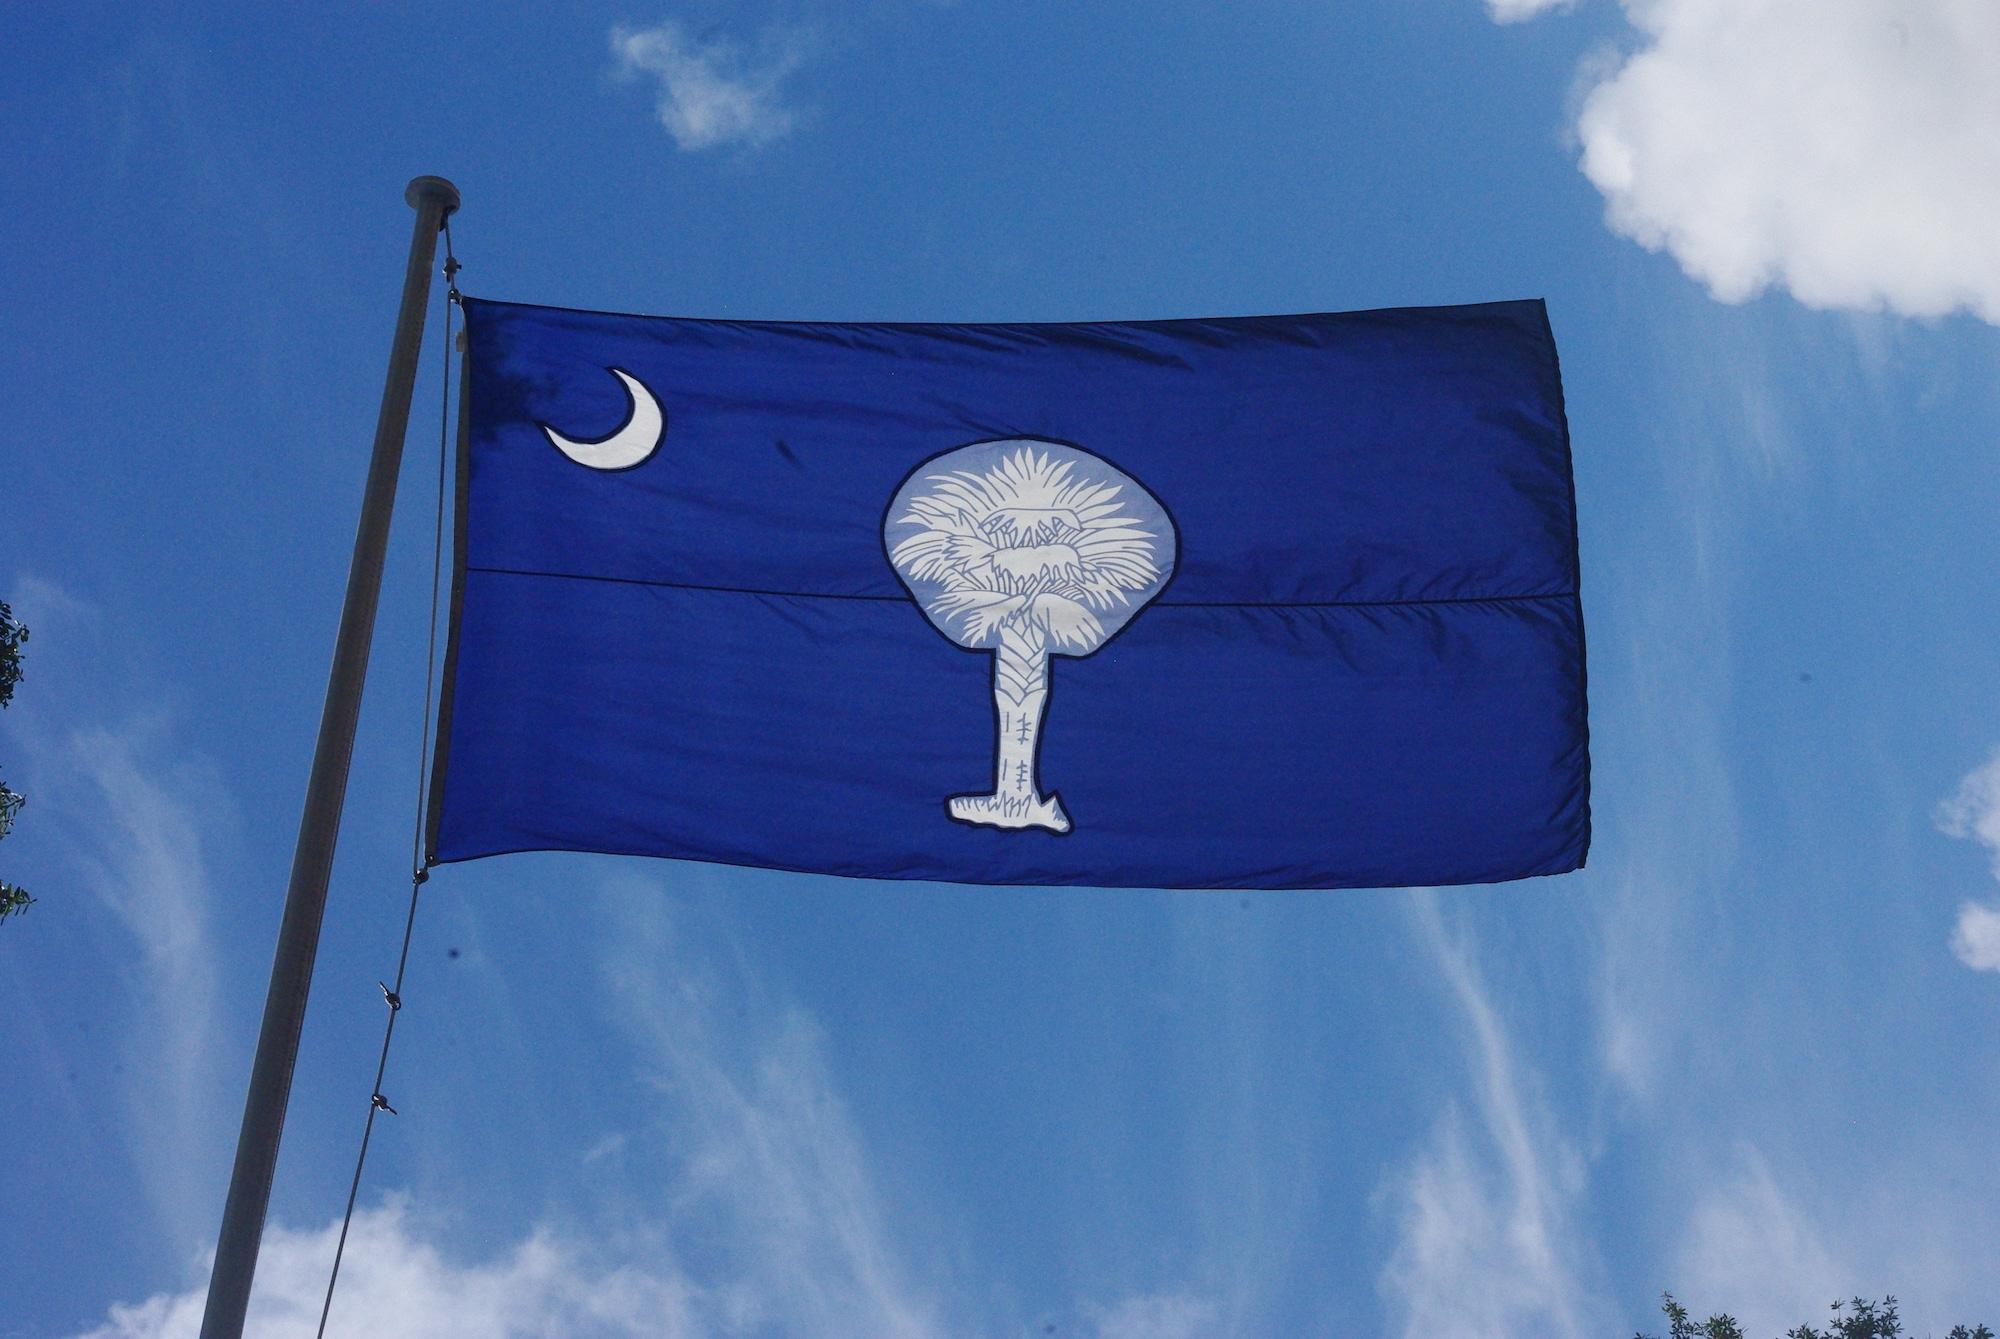 Le drapeau de la Caroline du sud inclut un palmier. Le bois un peu élastique a autrefois renvoyé les boulets anglais. Ça méritait bien un petit hommage